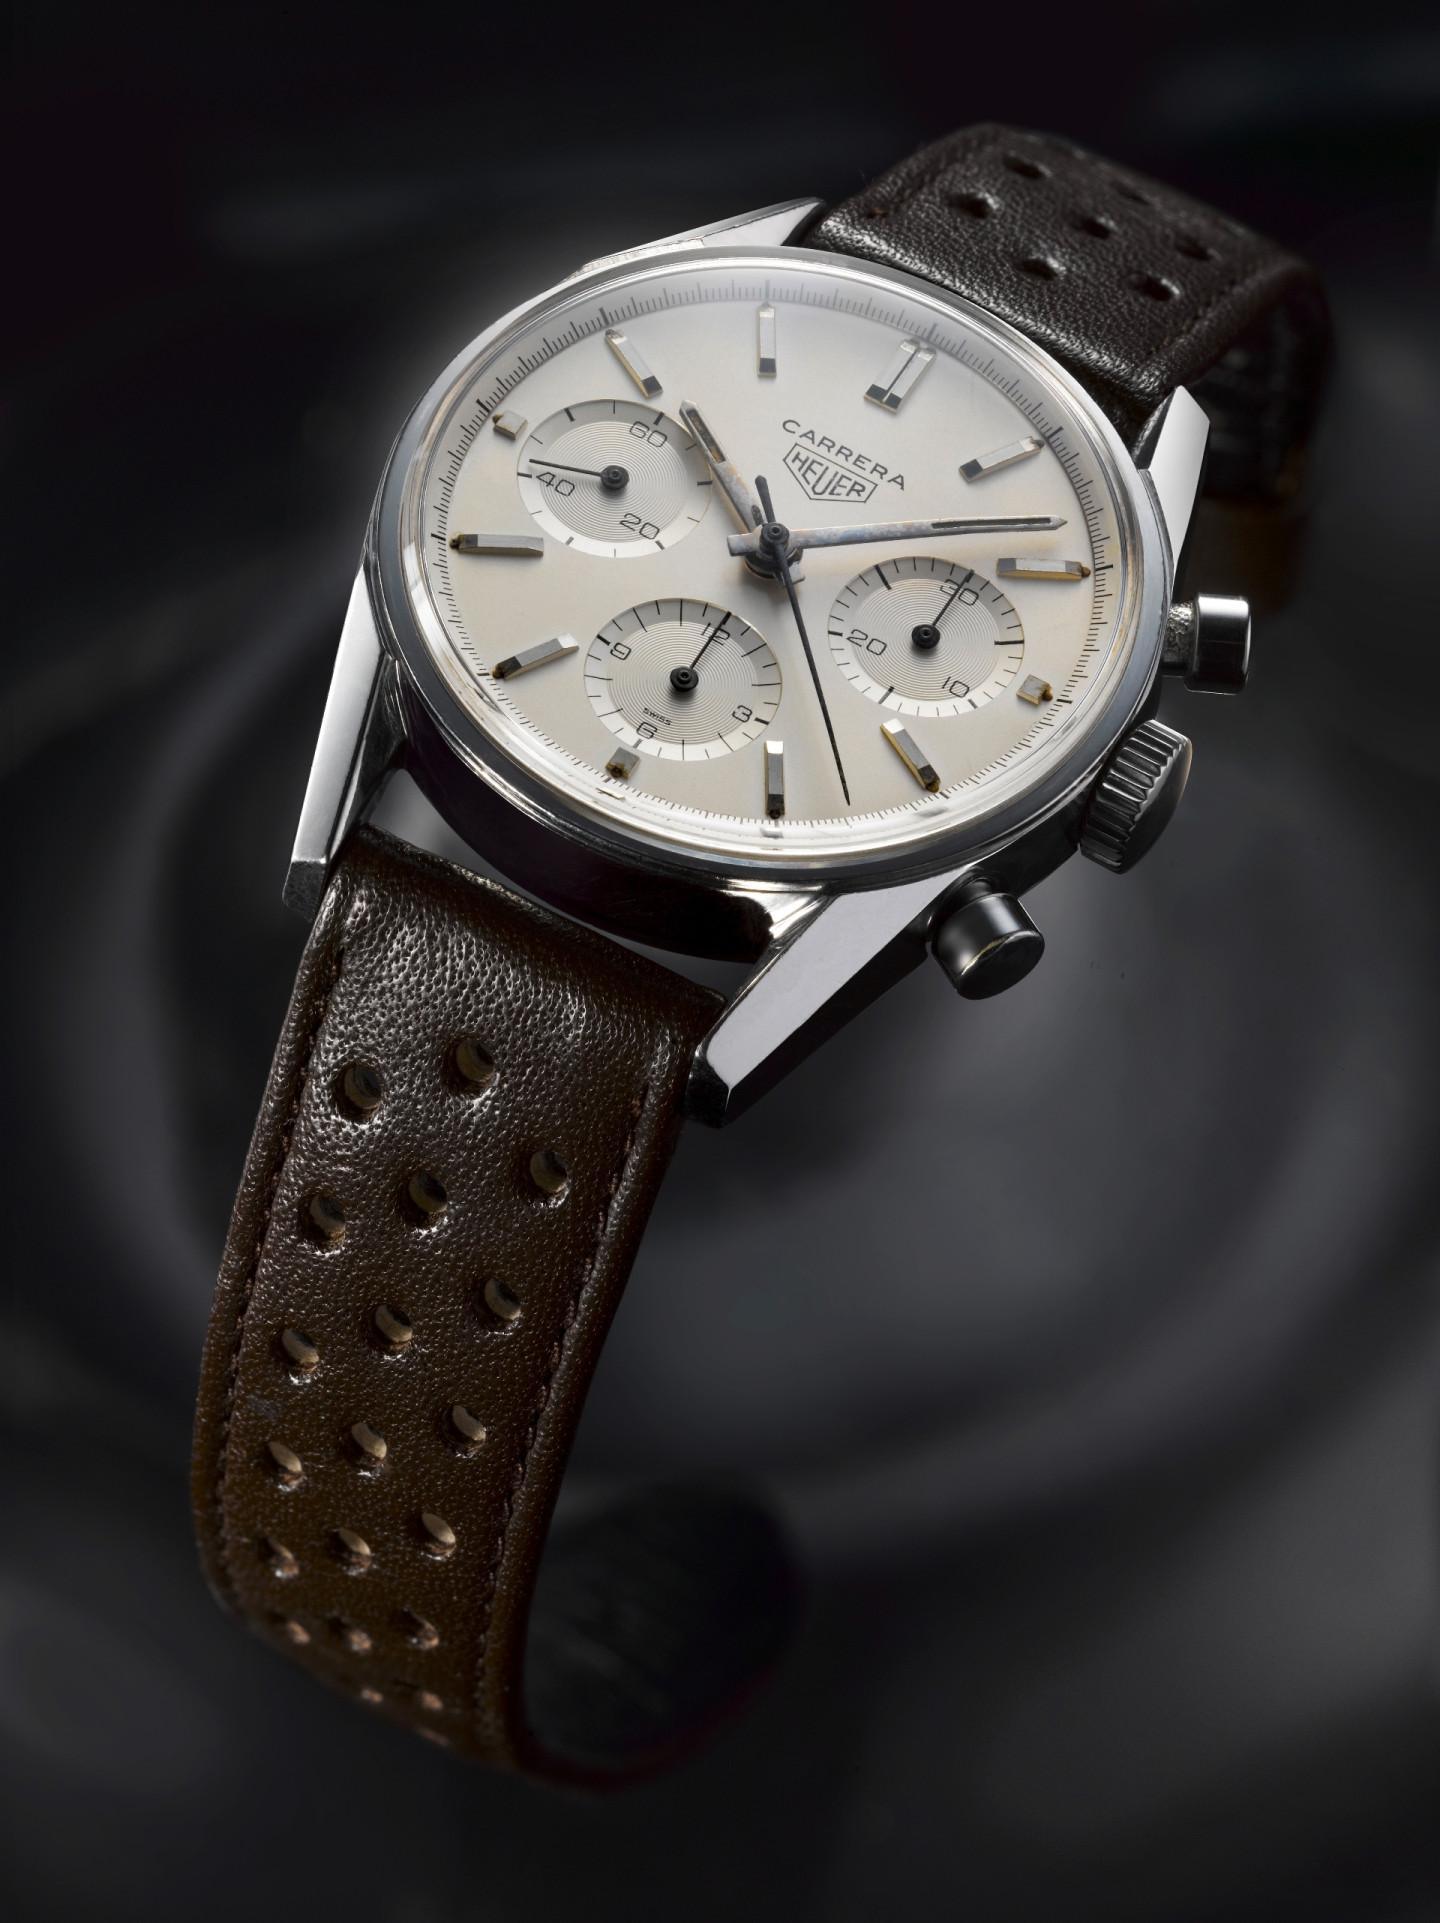 Исторические часы HeuerCarrera 1963 года